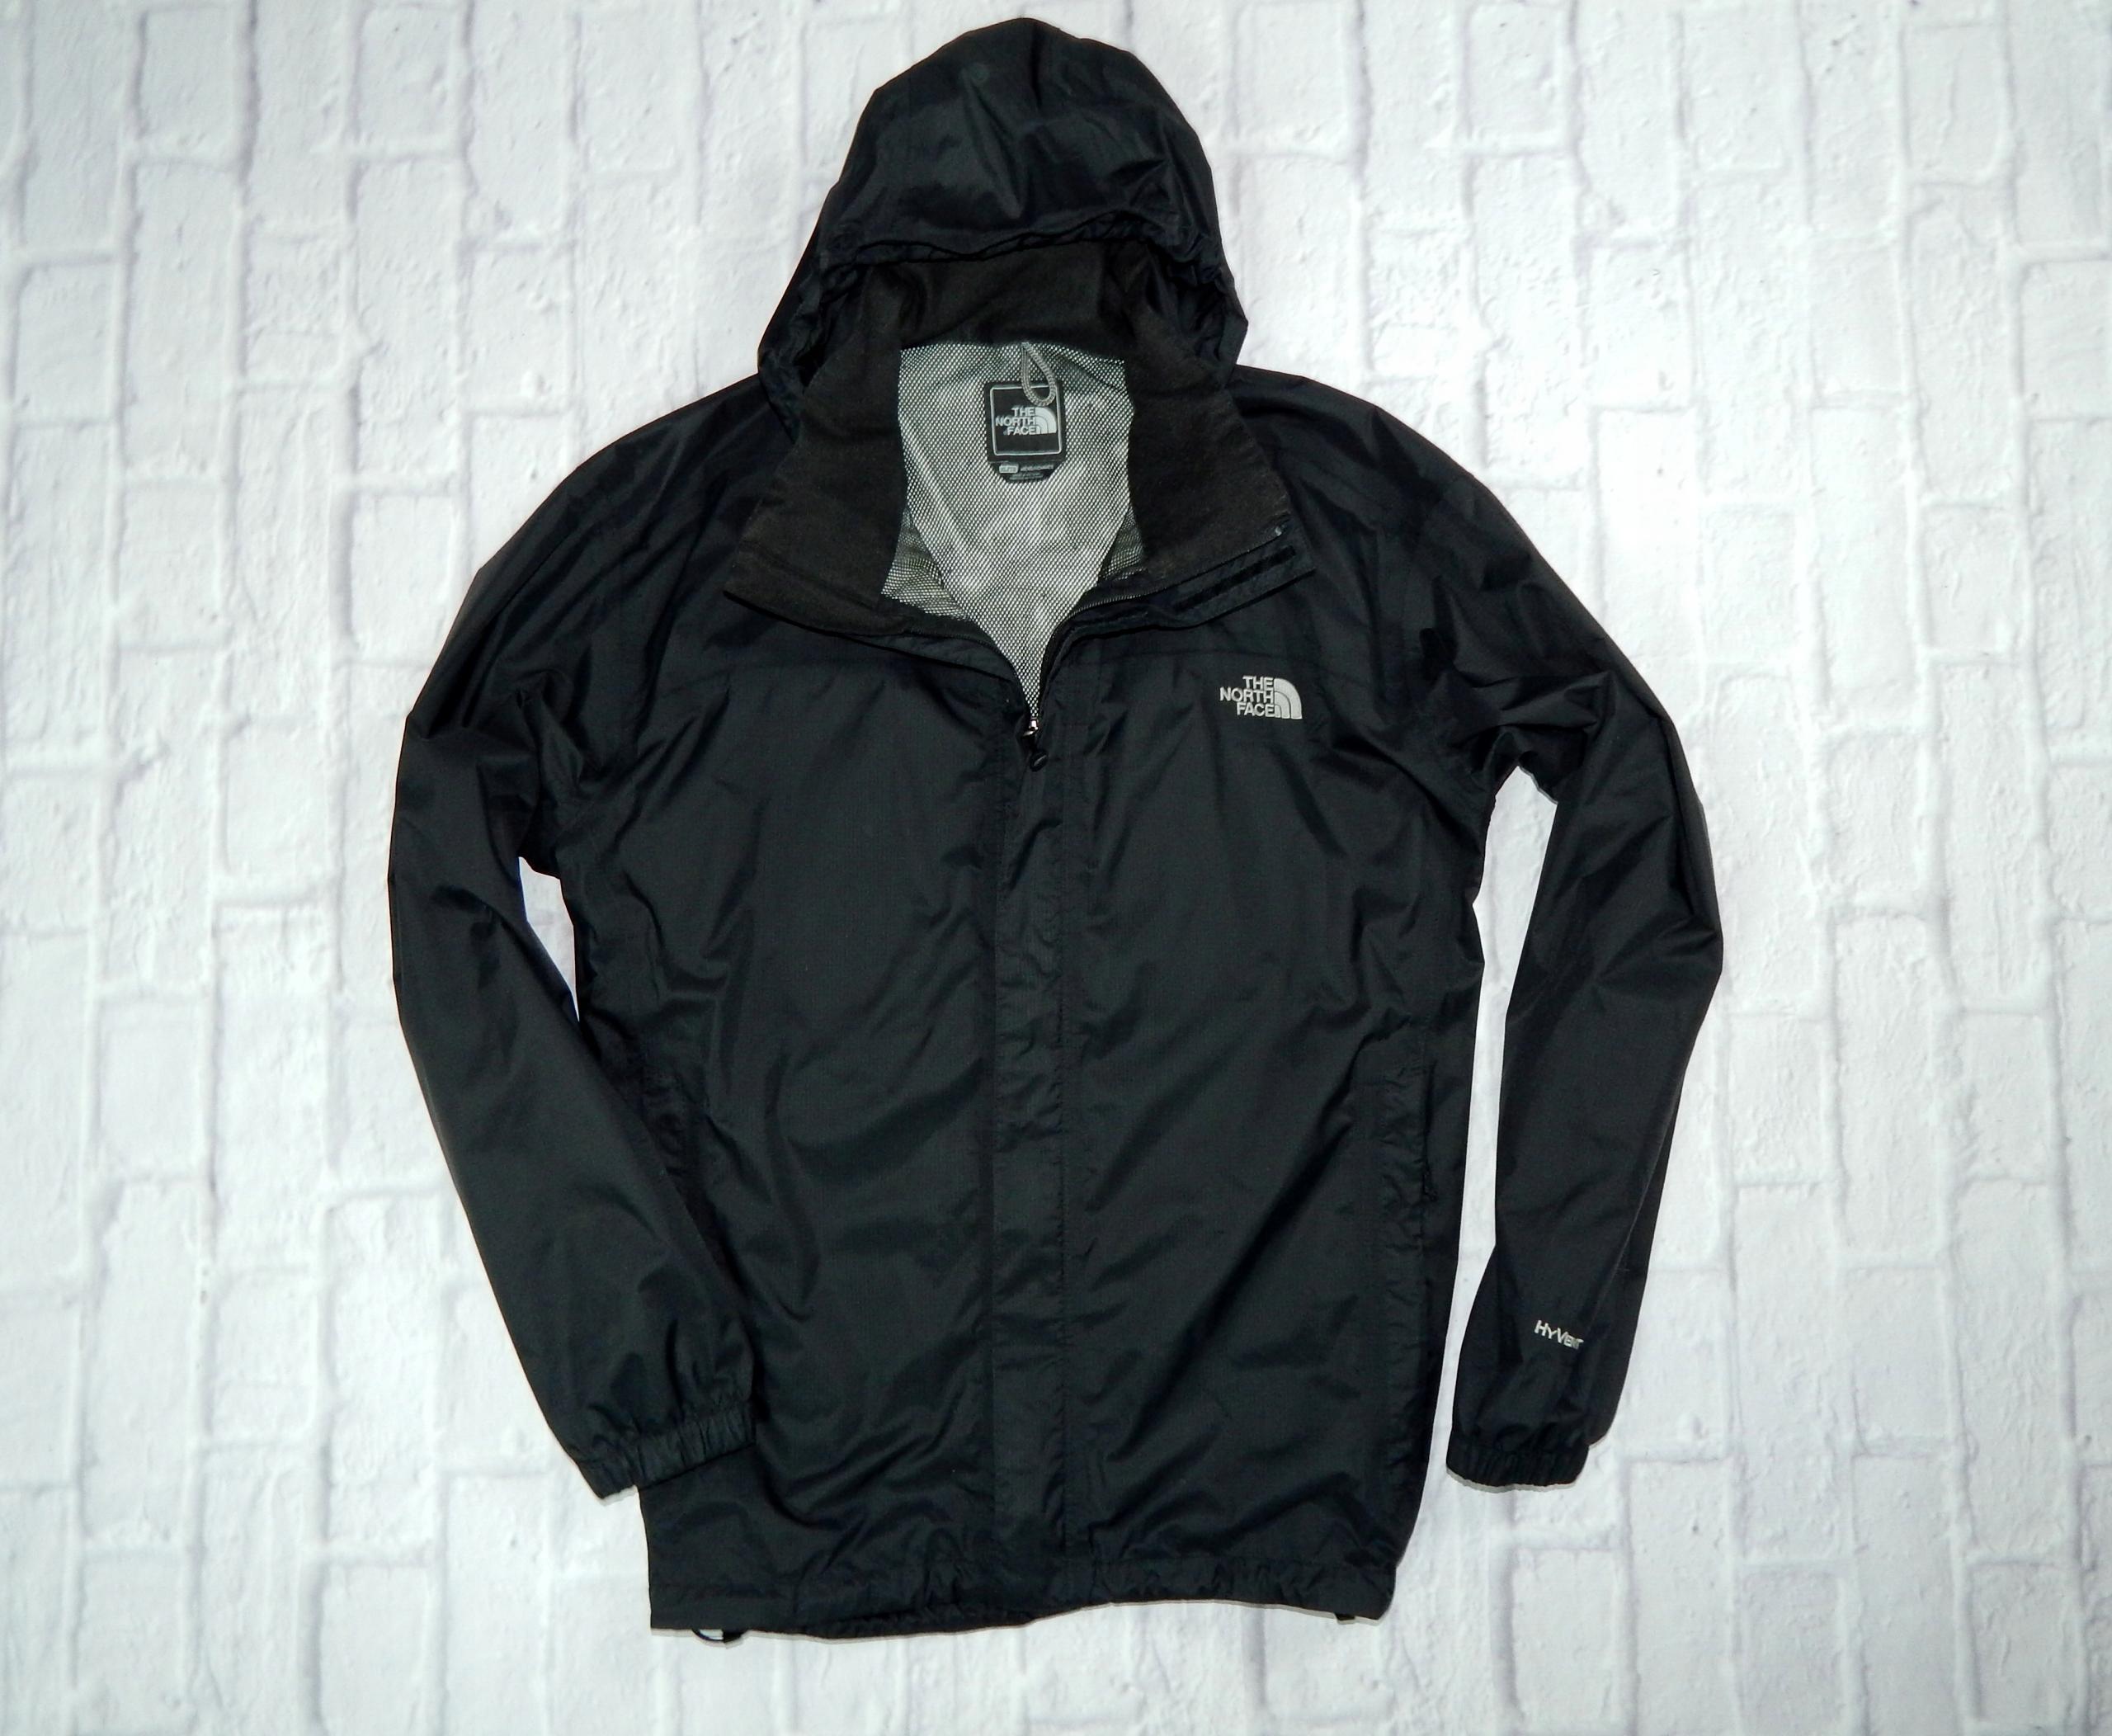 szeroki zasięg sklep w Wielkiej Brytanii brak podatku od sprzedaży THE NORTH FACE męska czarna kurtka HYVENT _XL_